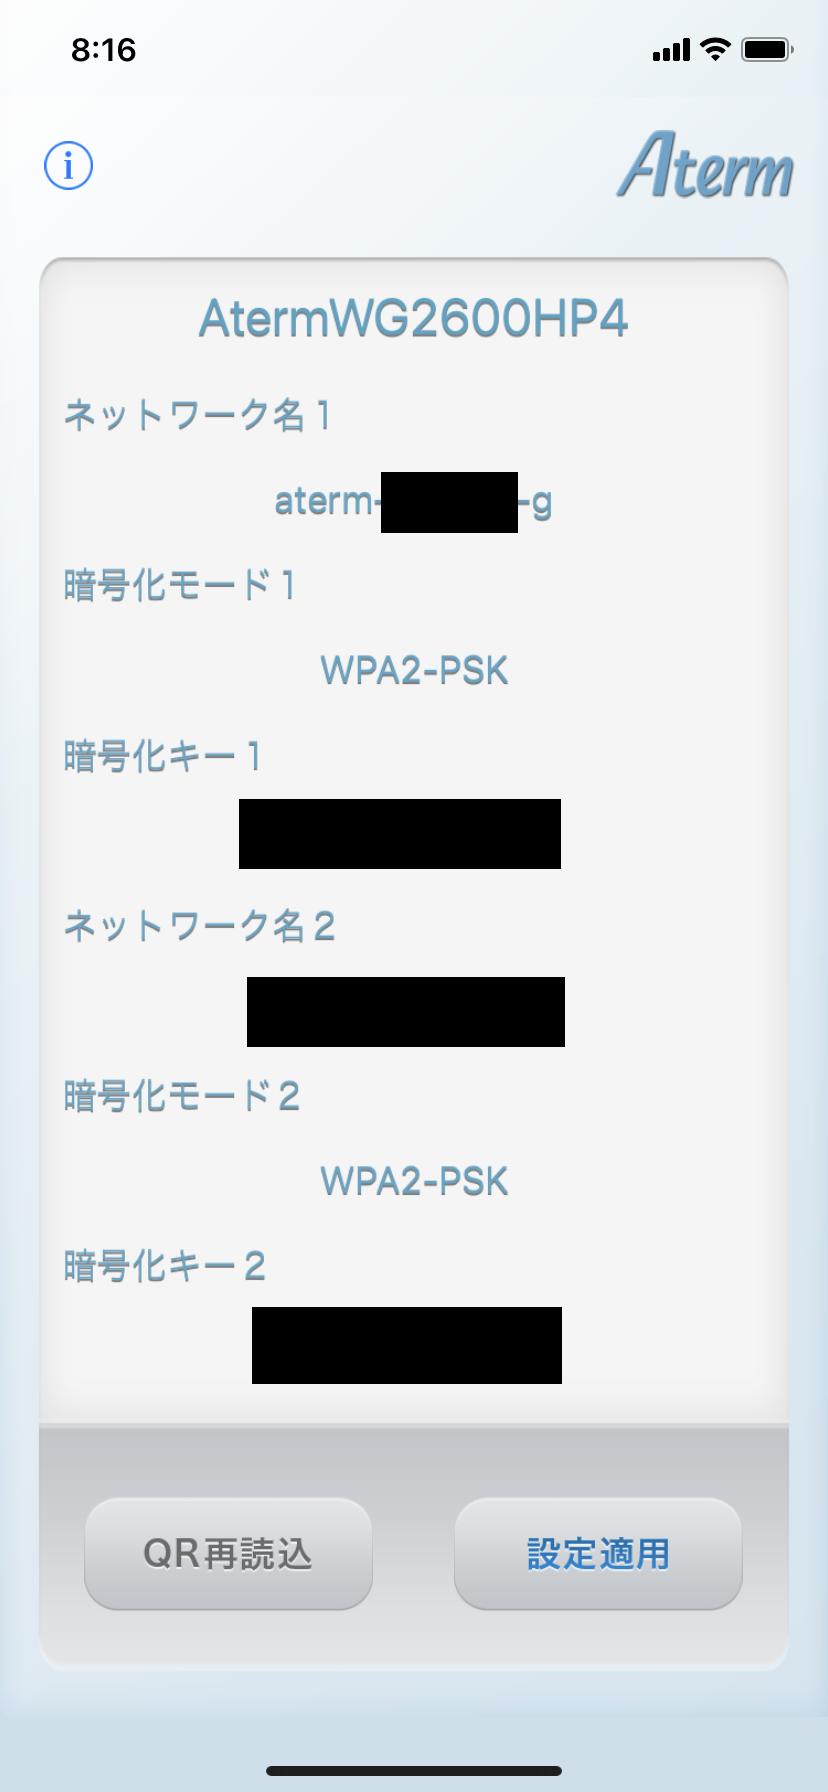 QRコードを読み取ることですぐに接続可能